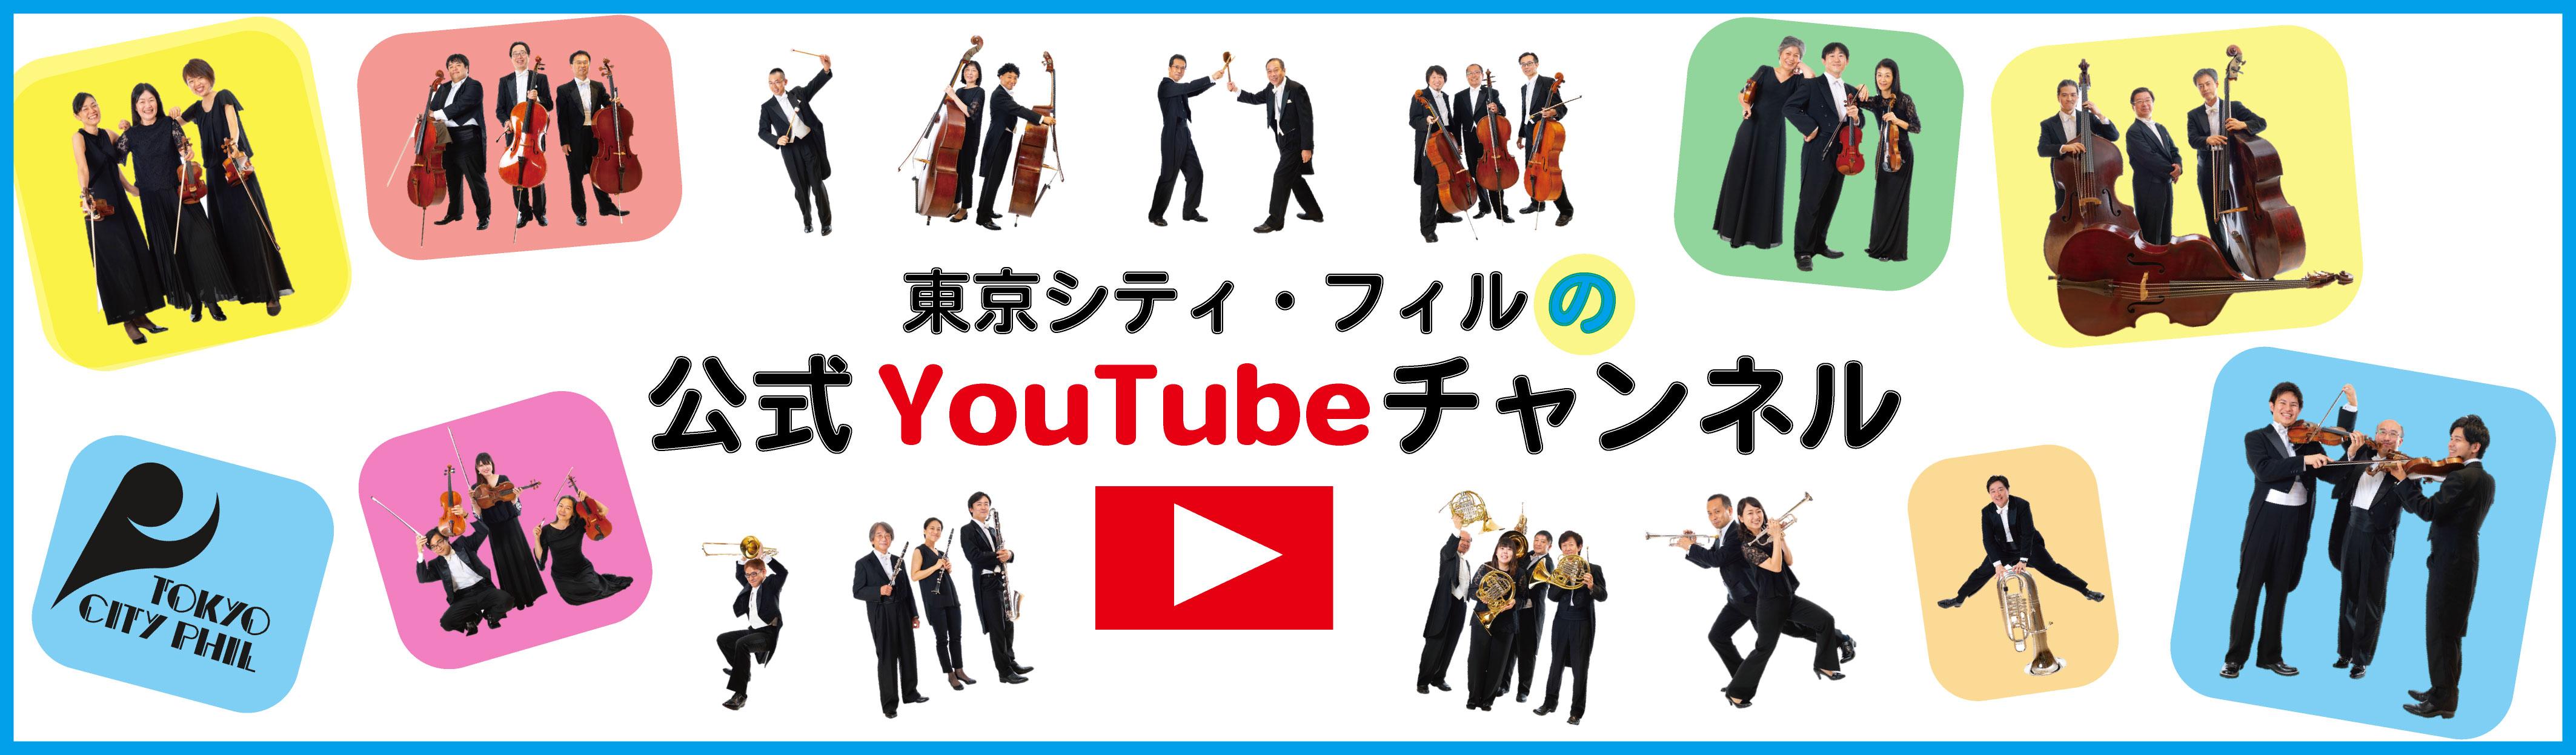 東京シティ・フィルのYouTubeチャンネル 画像